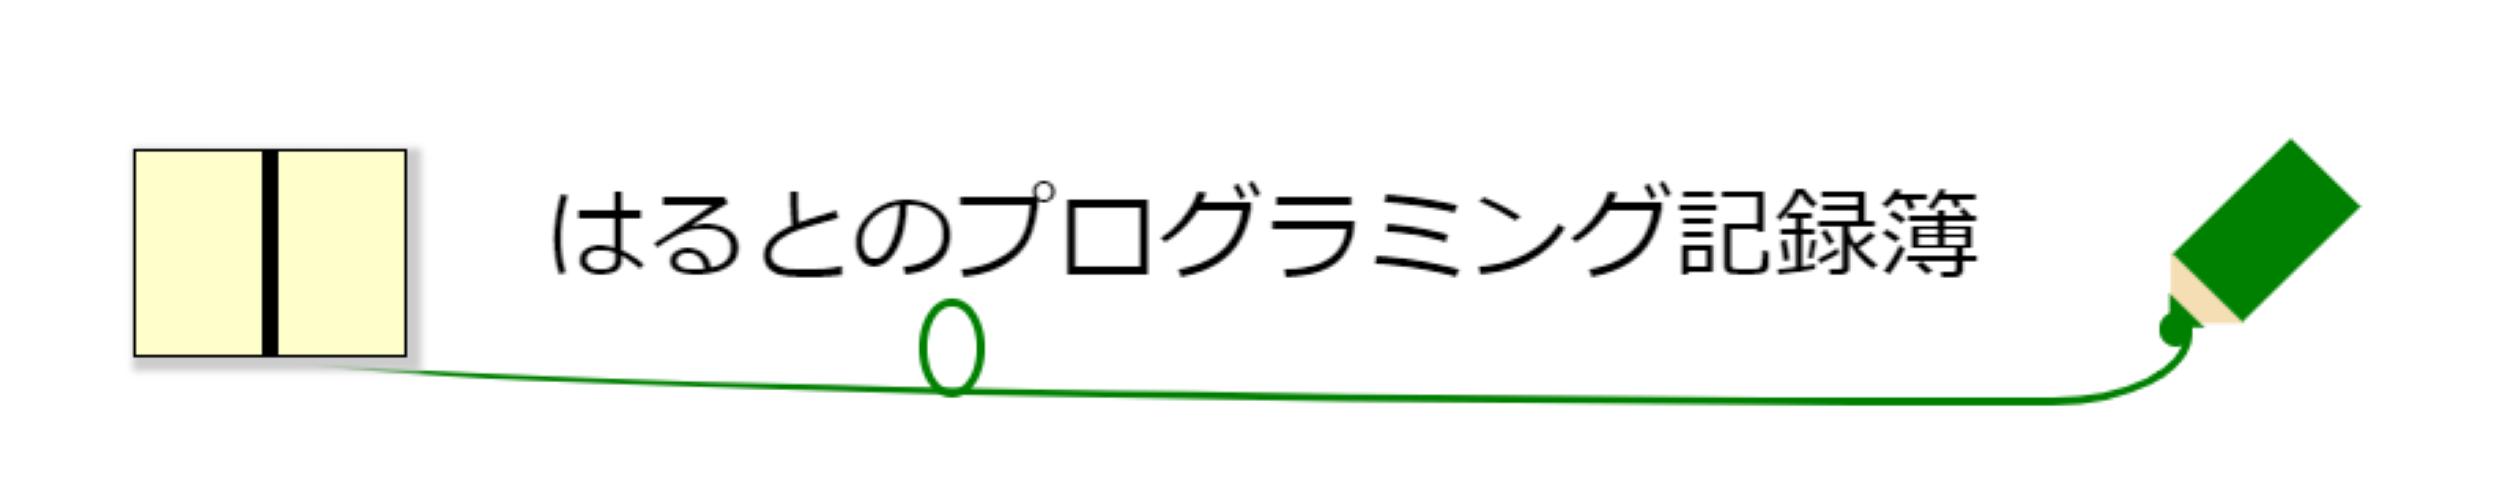 はるとのプログラミング記録簿